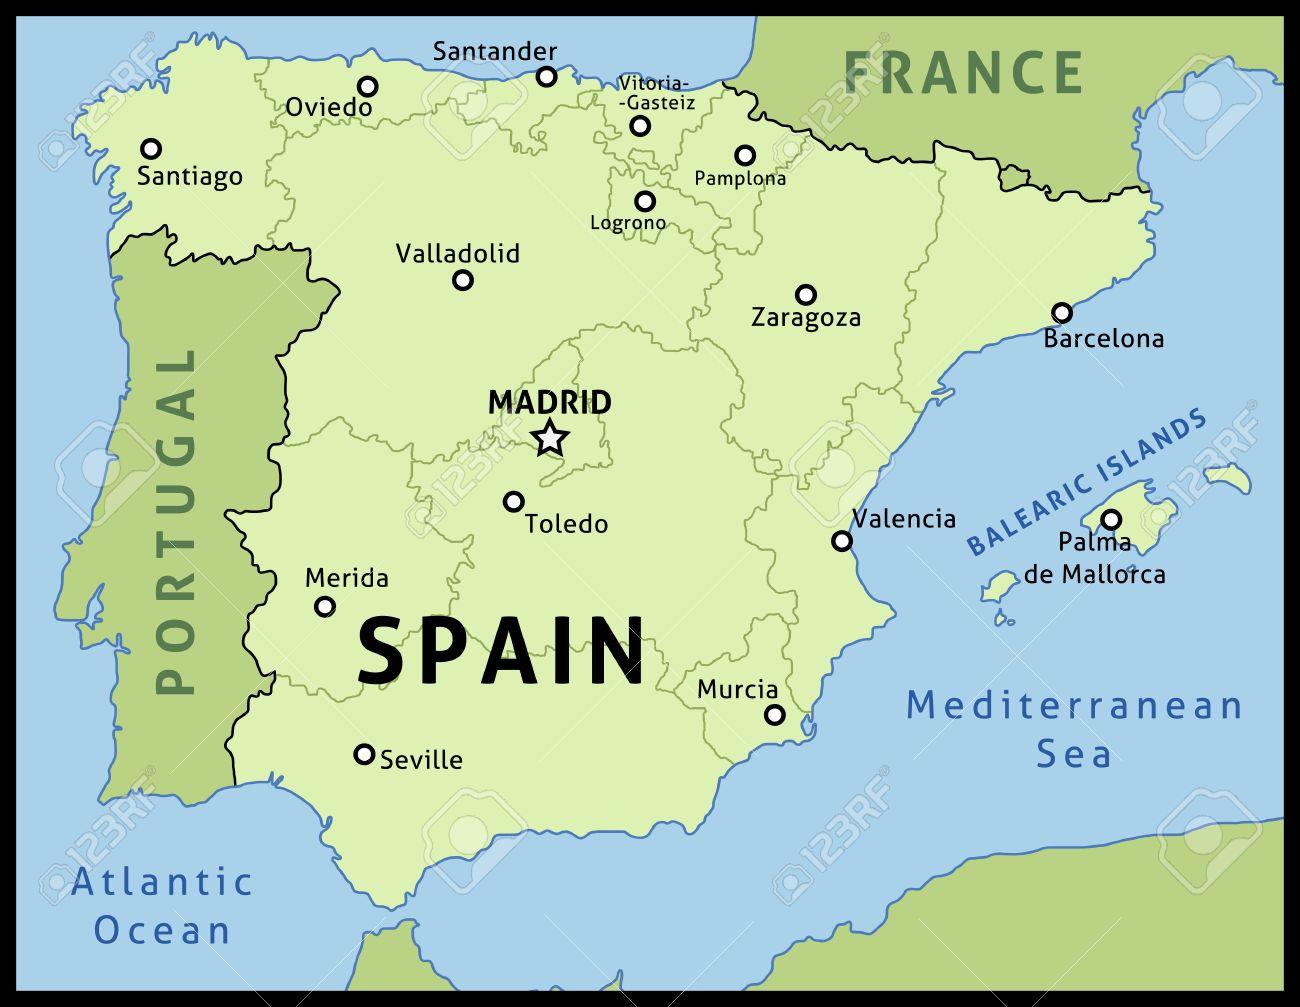 Carte De Lespagne Décrivez Illustration Carte Du Pays Avec Les Grandes Villes Dans Les Communautés Autonomes